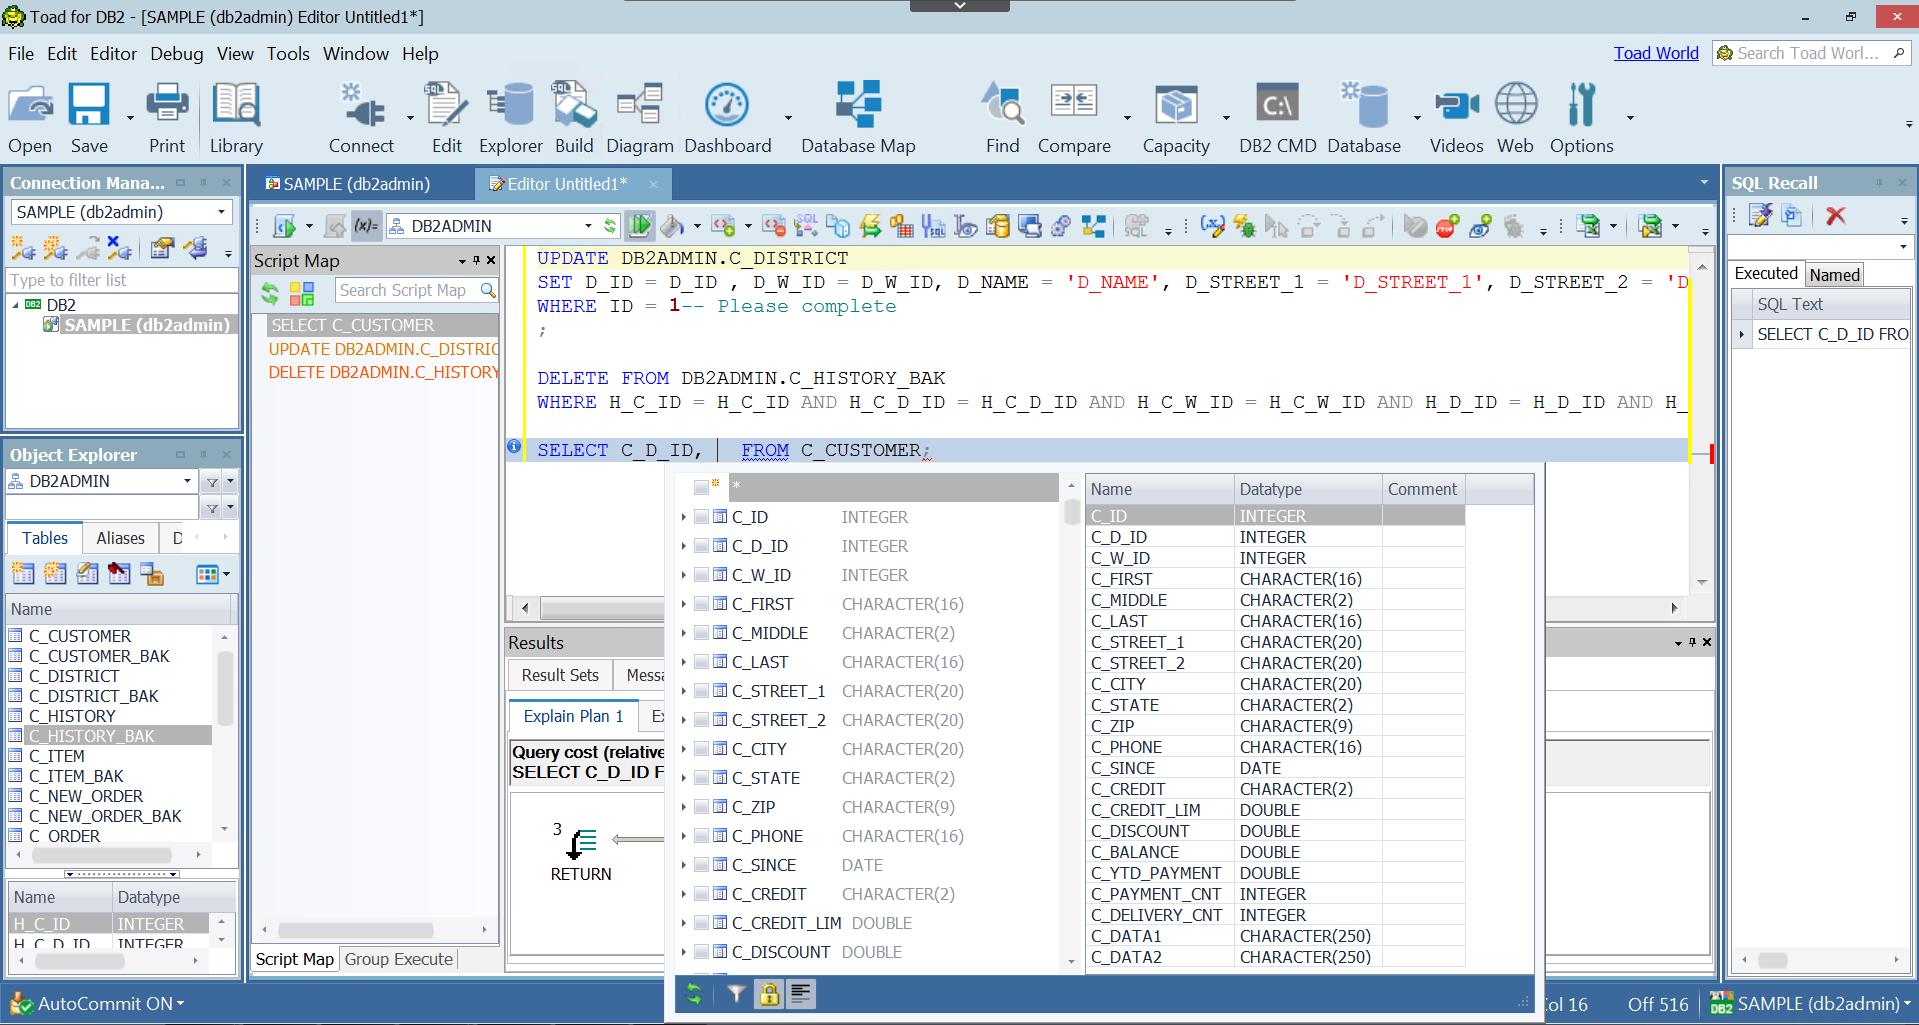 ToadDB2_SQL